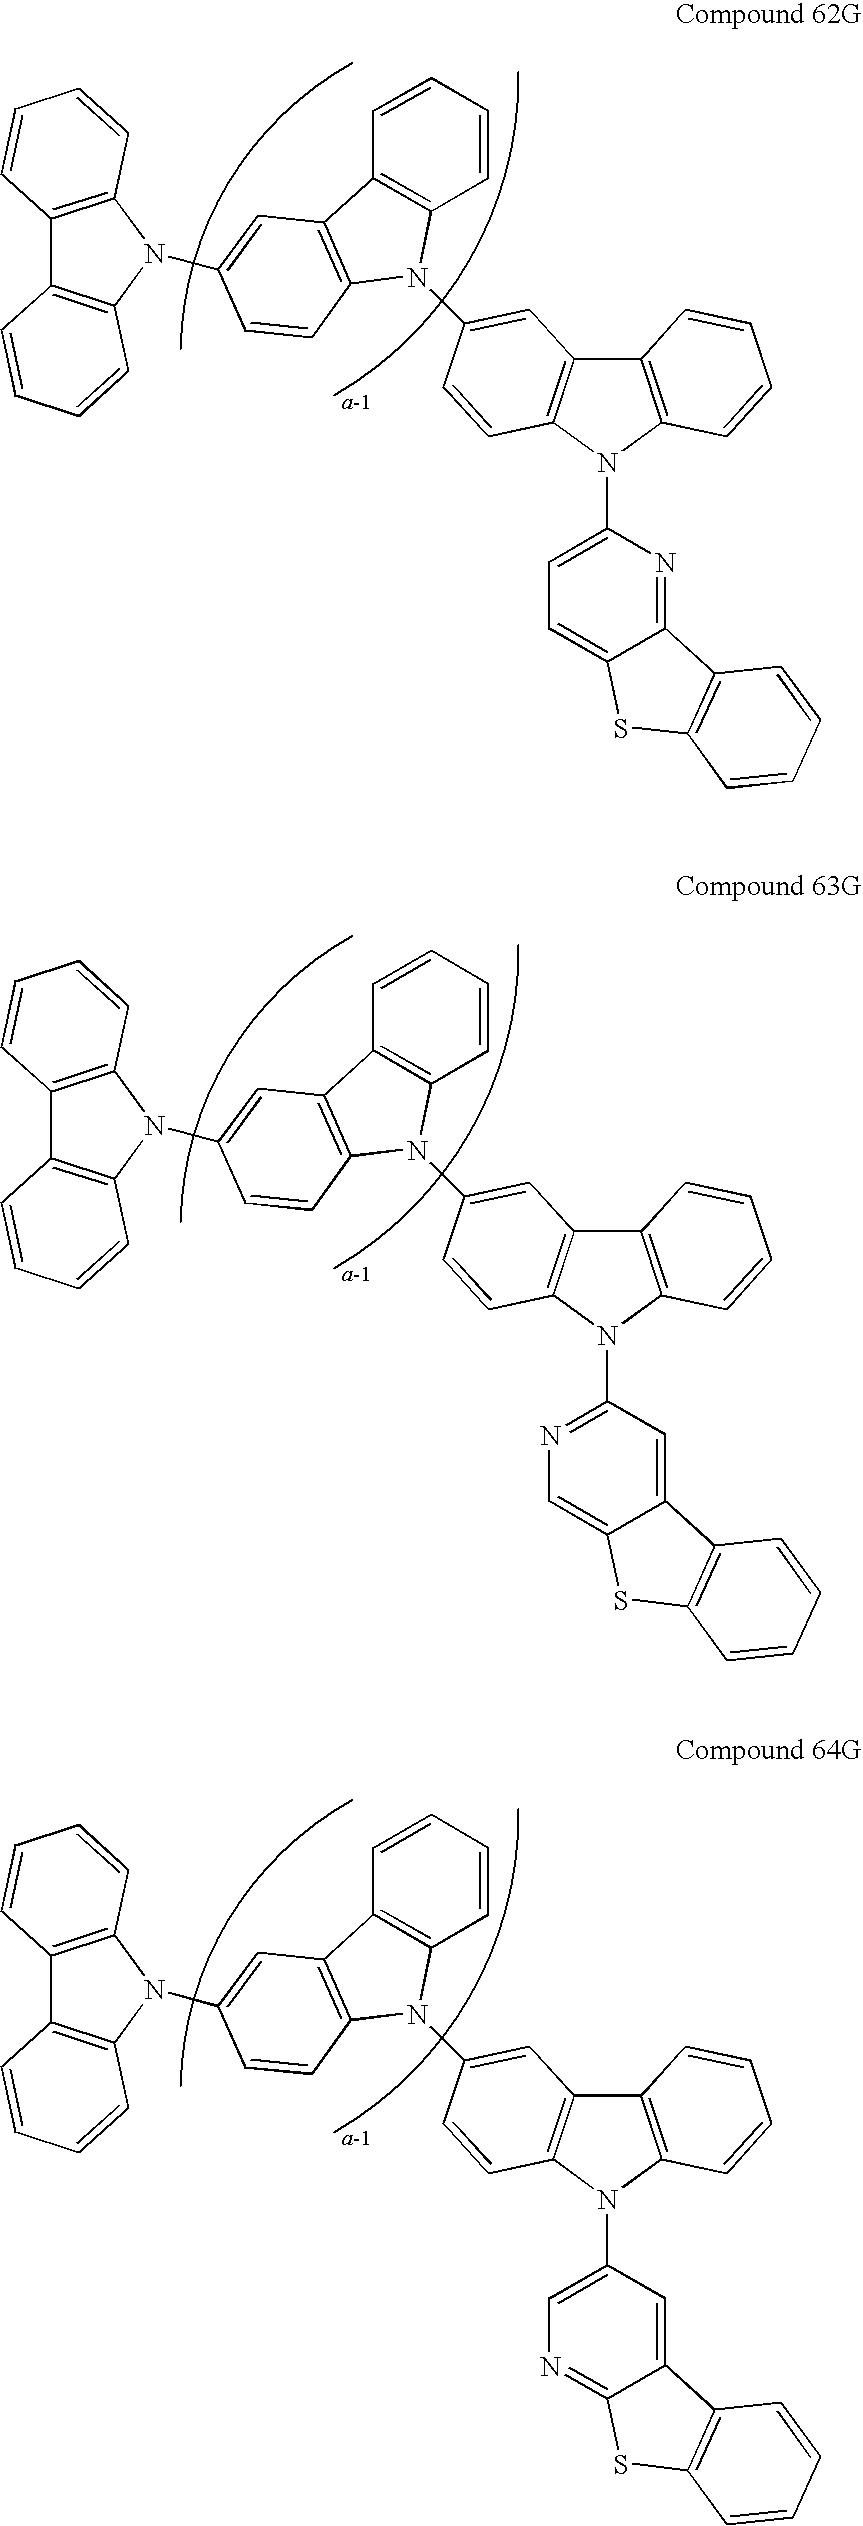 Figure US20090134784A1-20090528-C00219